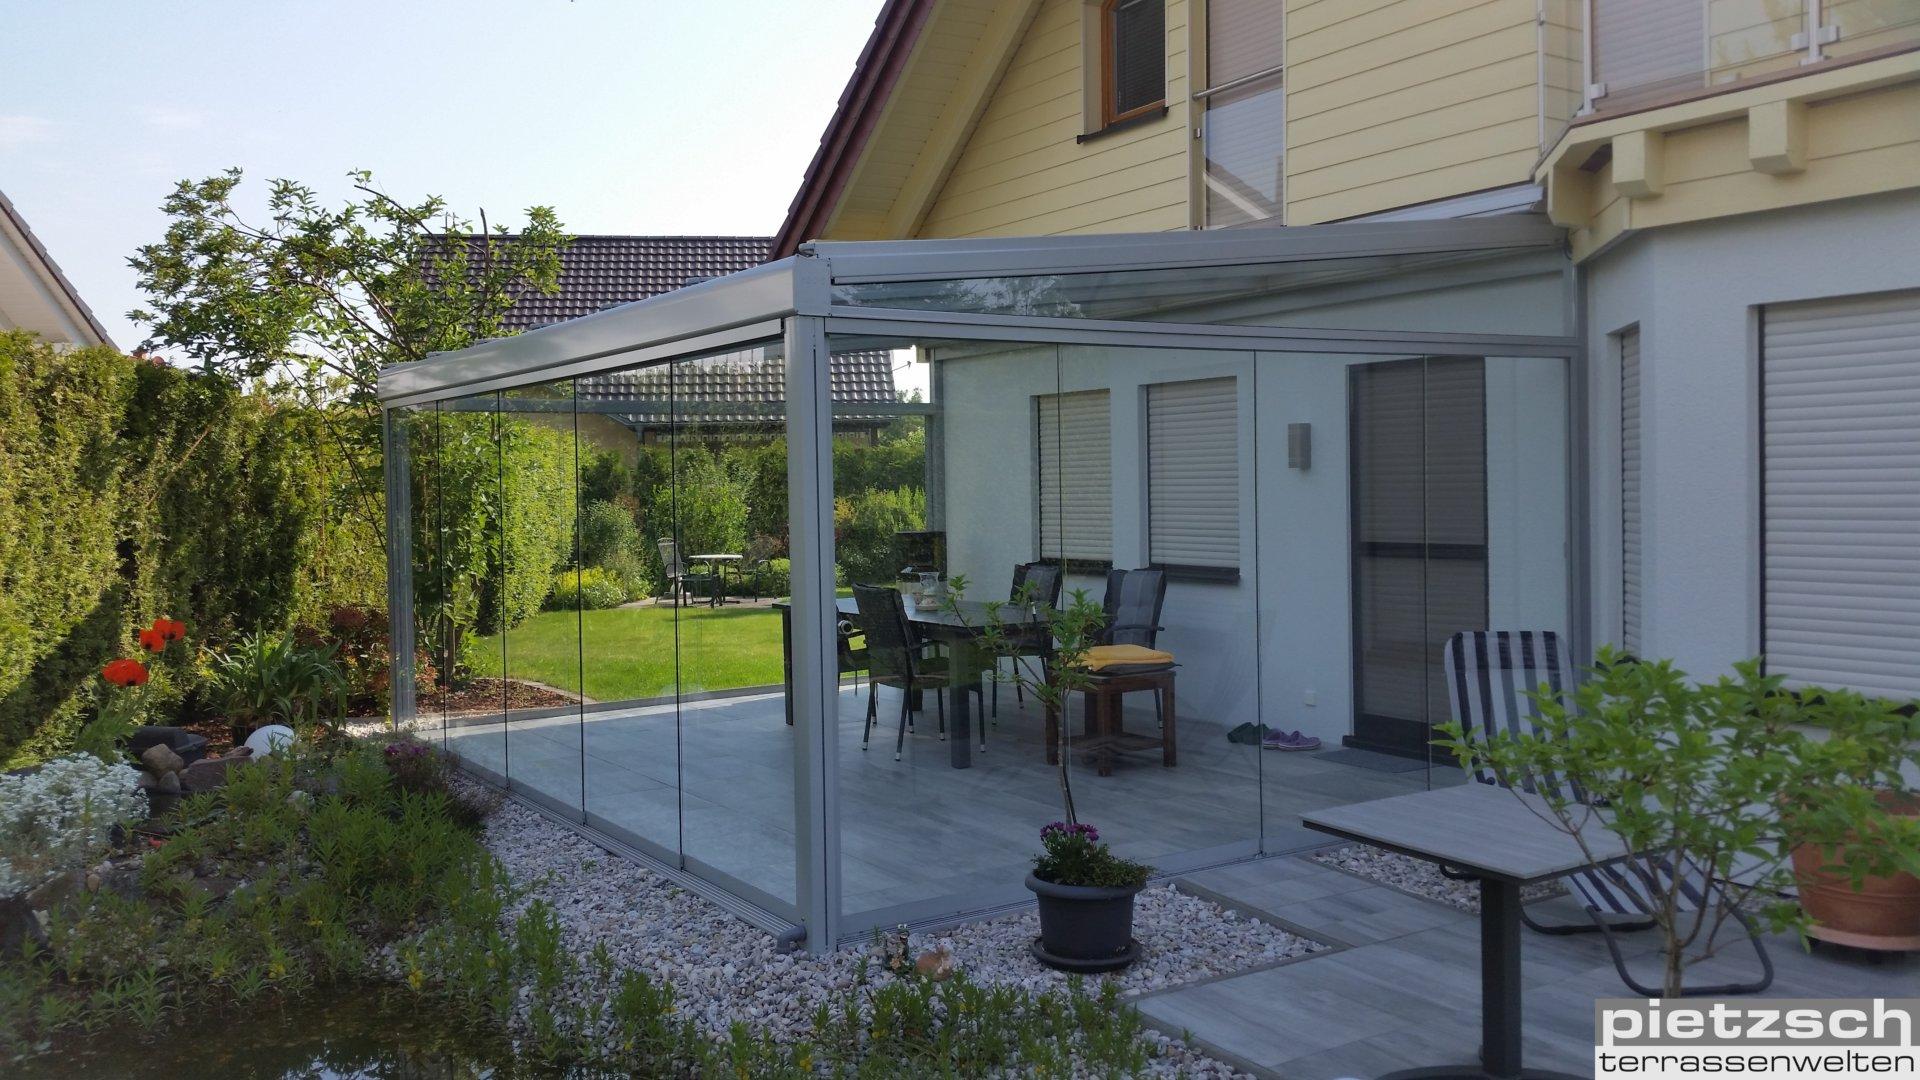 Terrassenüberdachung, Wintergarten, Kaltwintergarten, Glasdach, Sommergarten, Schiebeverglasung, Glasschiebewand